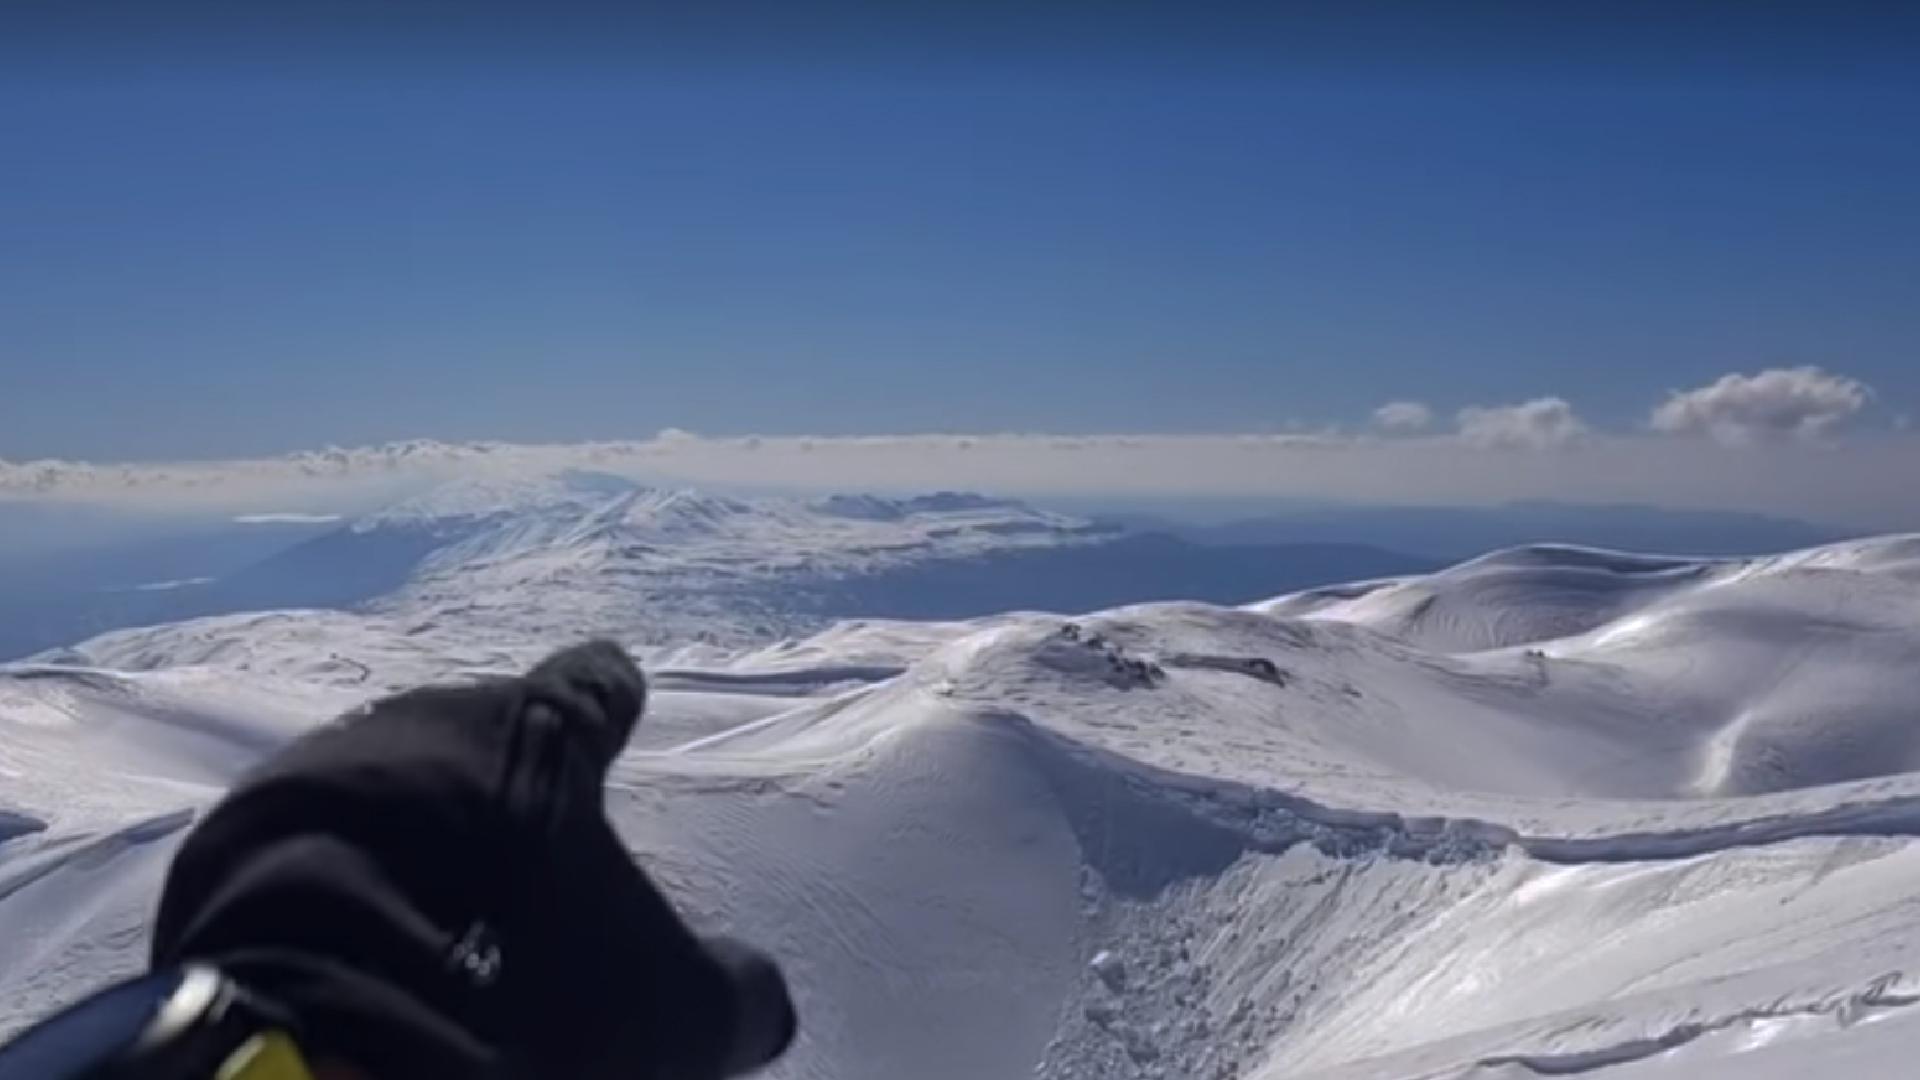 sannine-zahle-skitouring